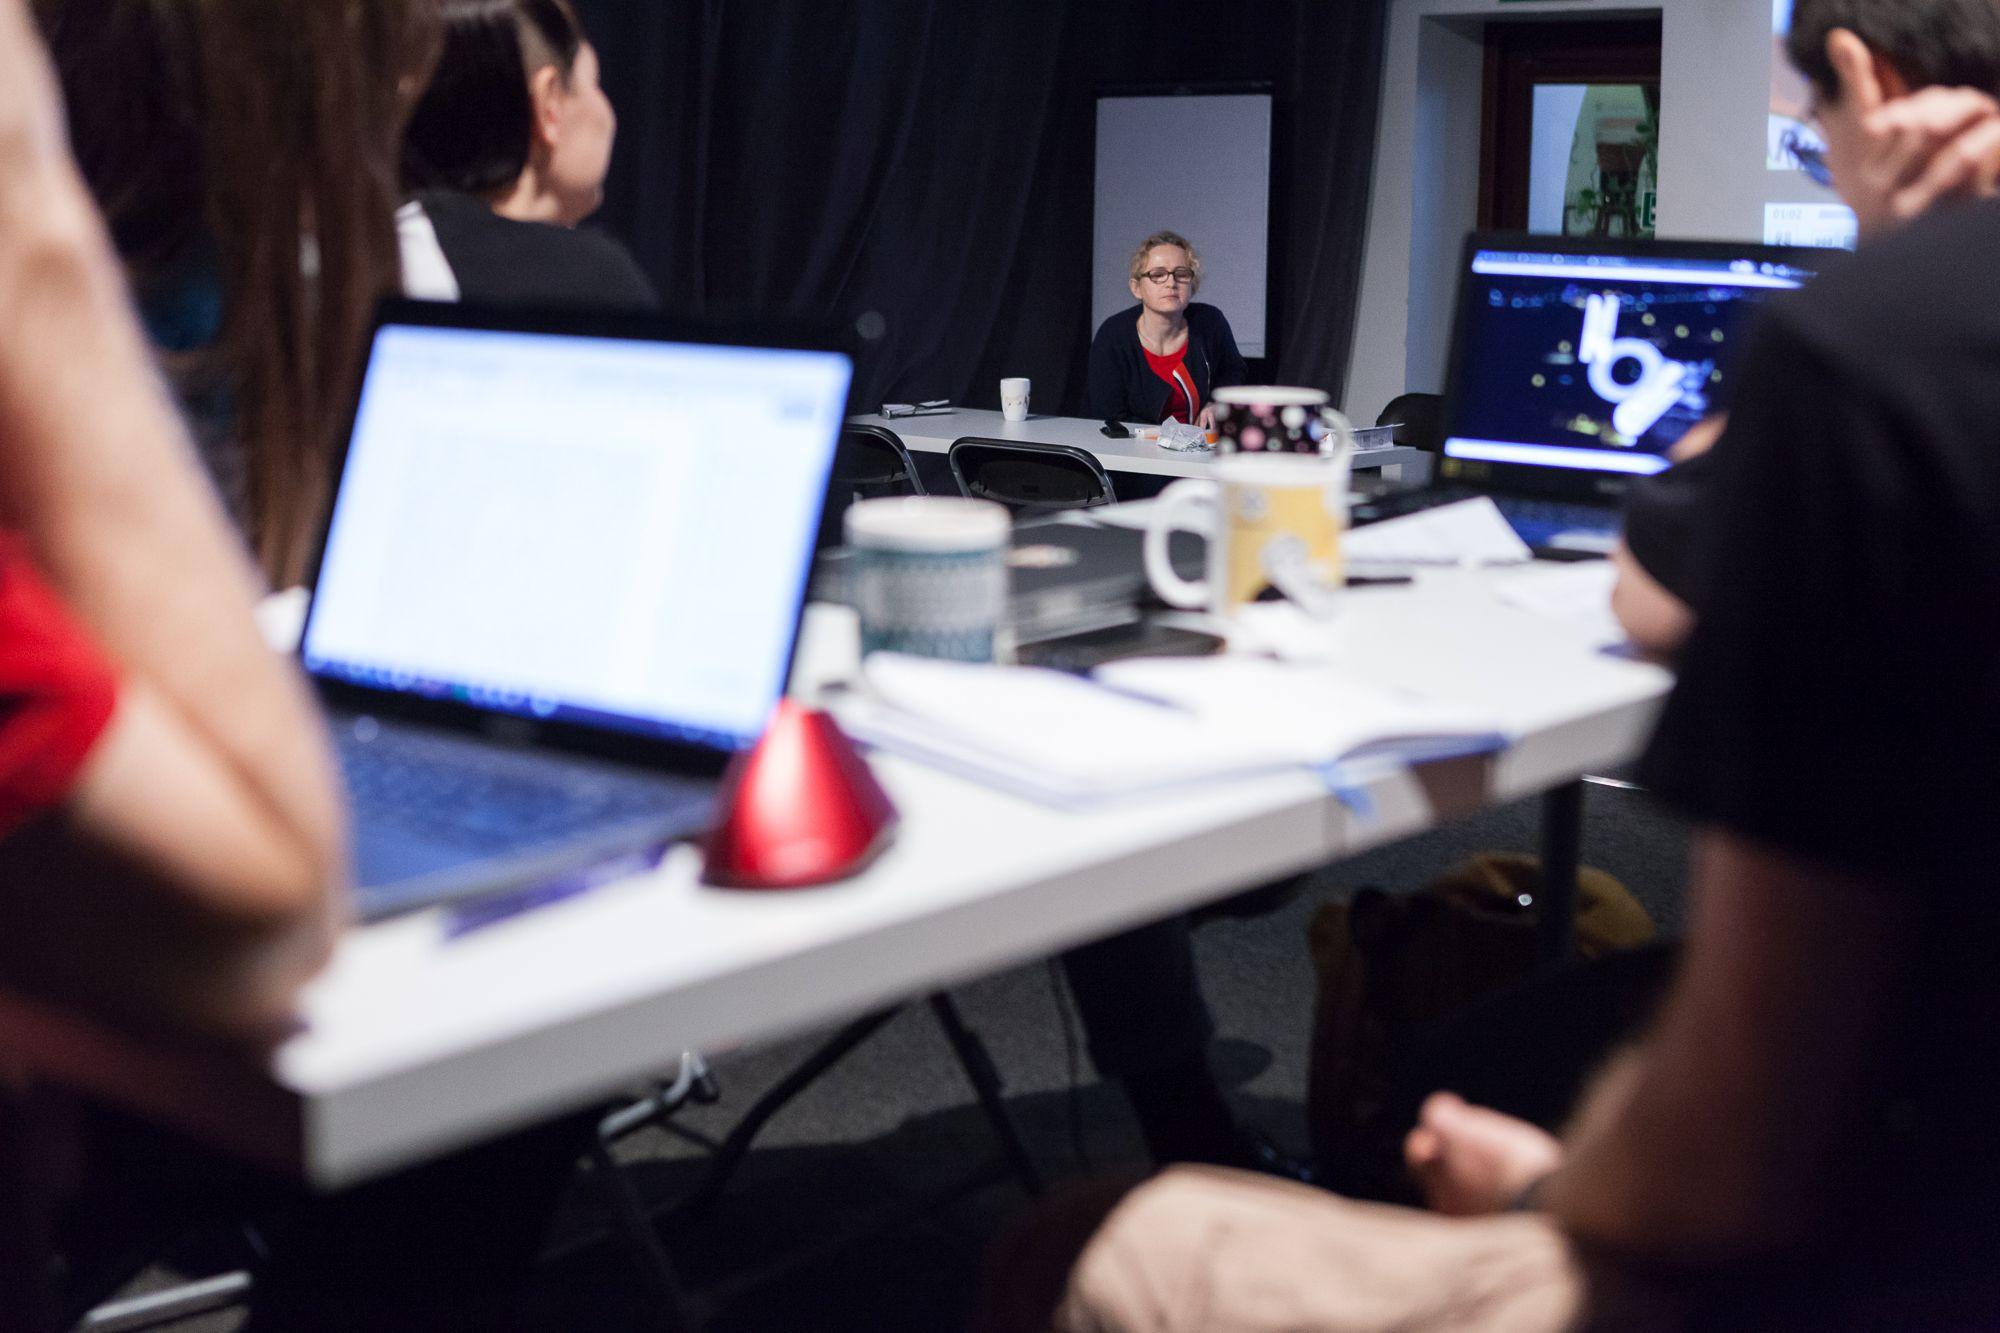 Inkubator Kultury | Audiodeskrypcja  [Szkolenie z audiodeskrypcji. Na zdjęciu widać jedną z prowadzących szkolenie oraz uczestników]